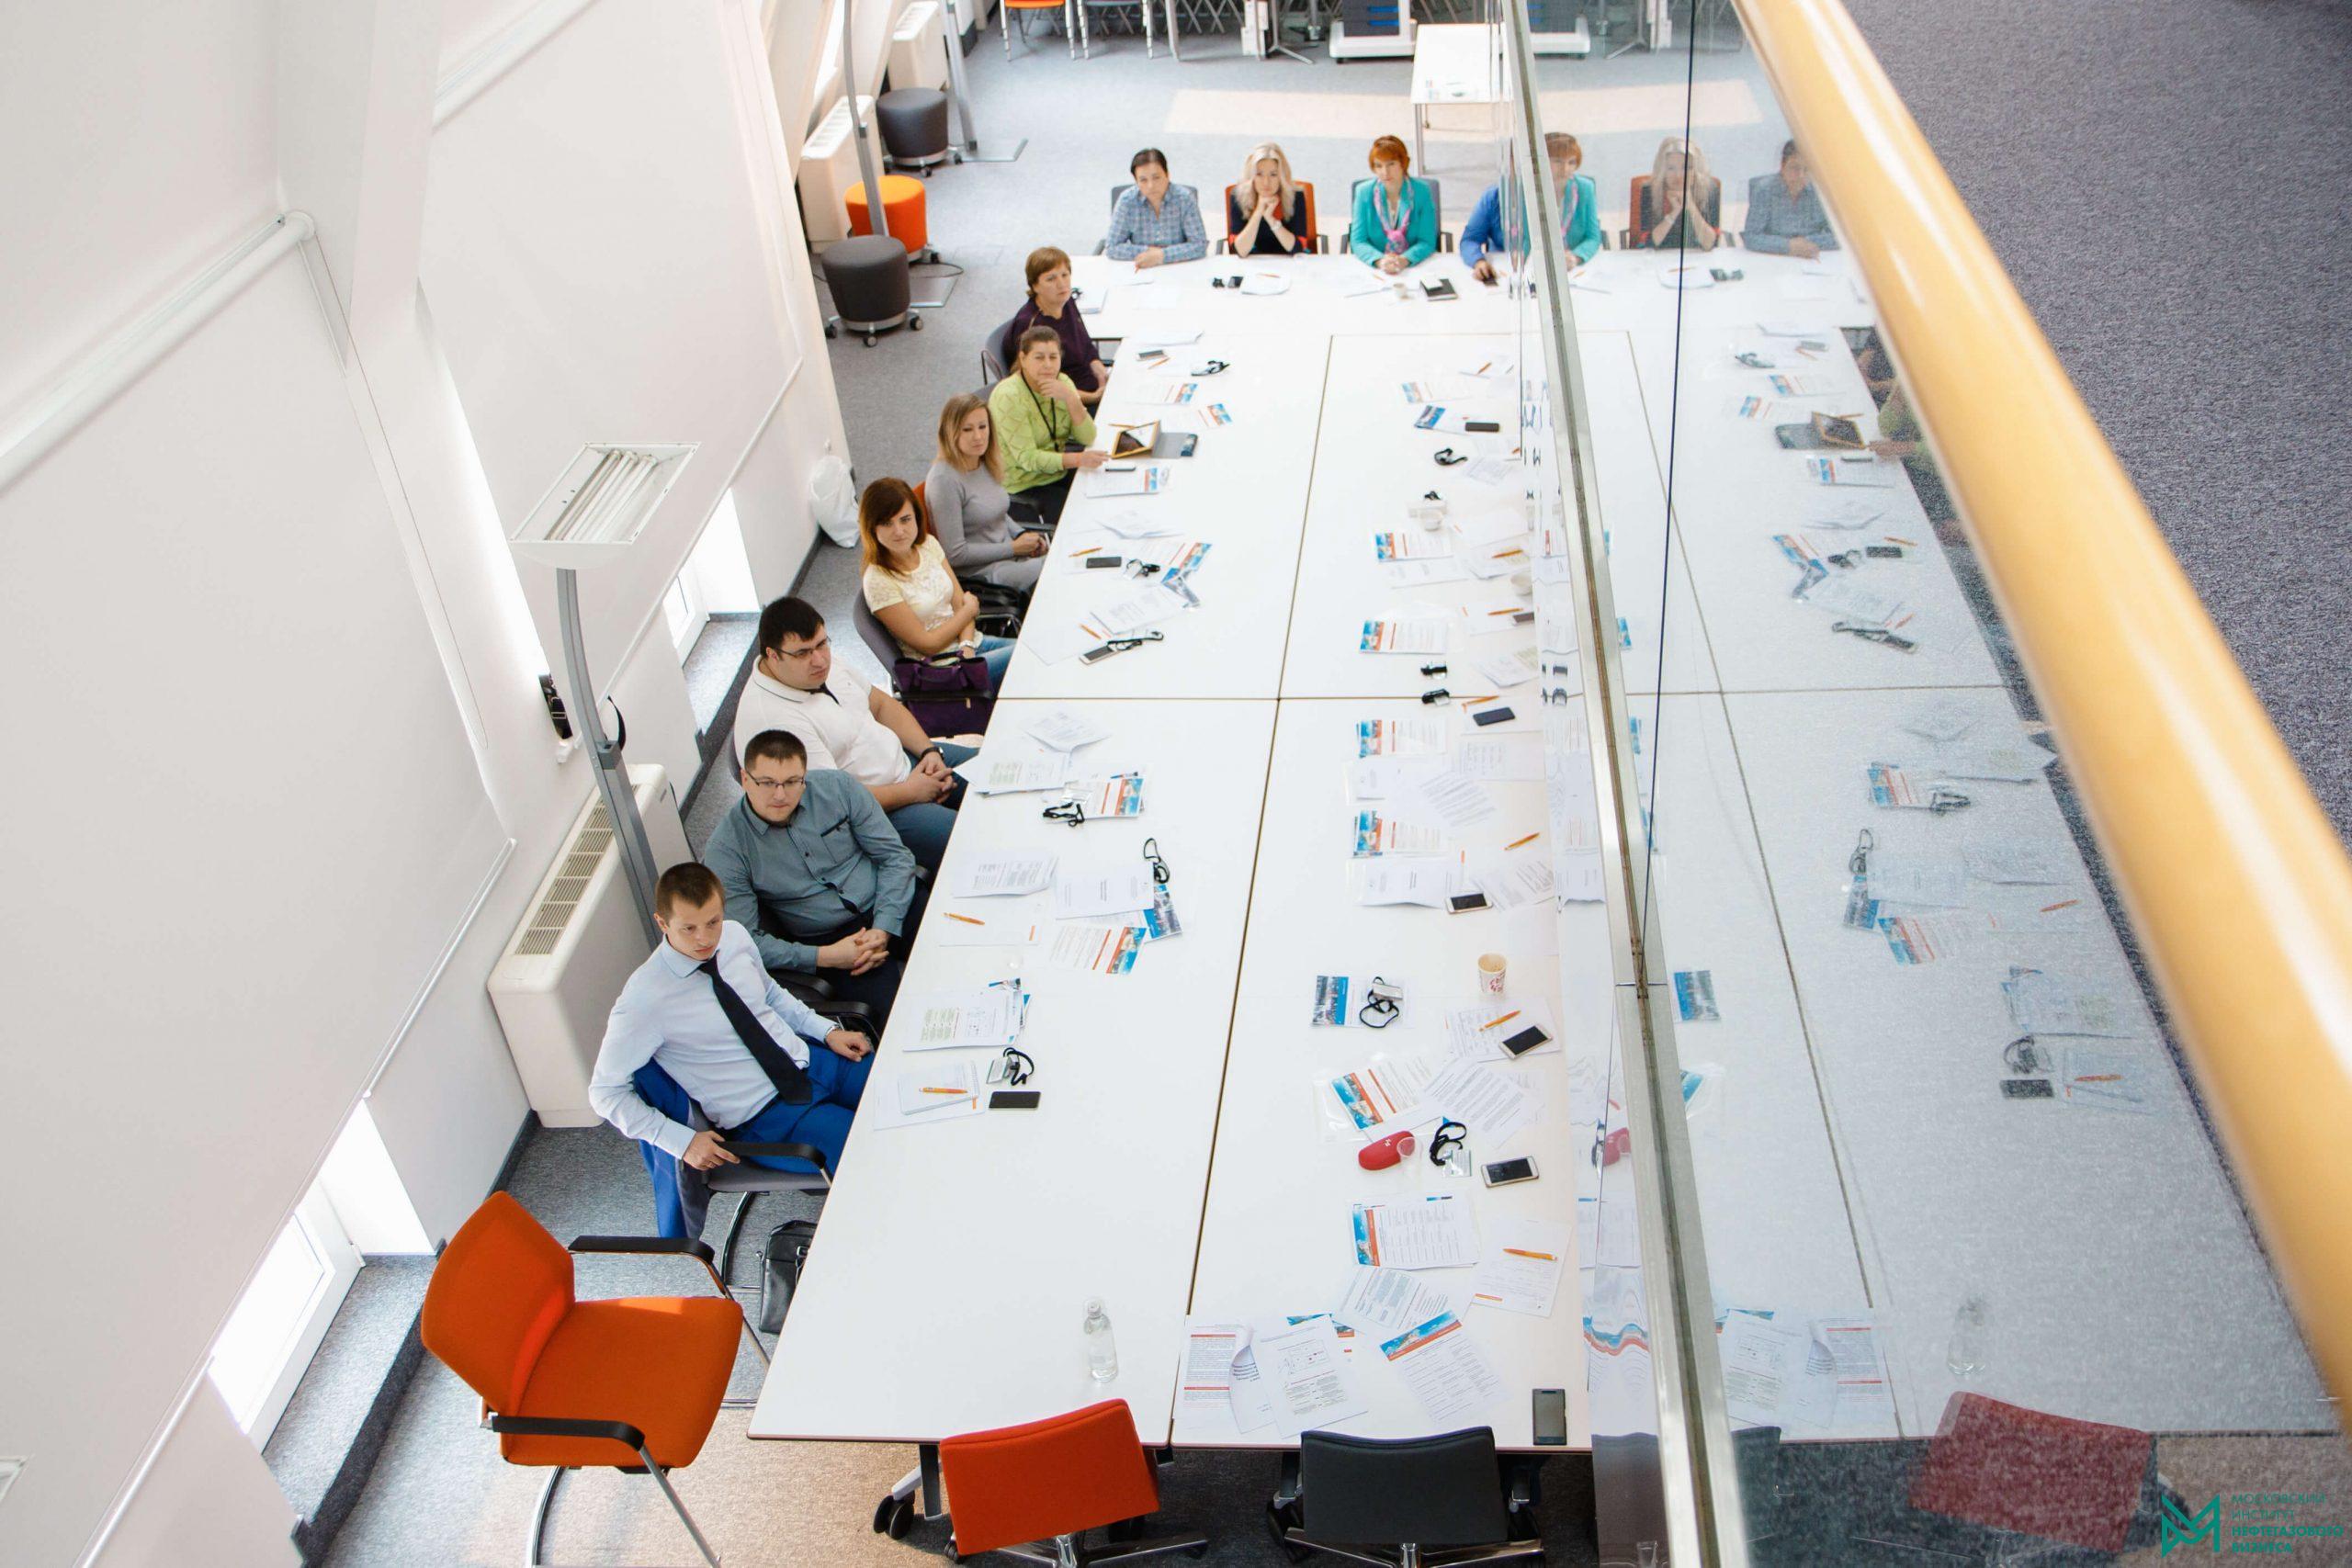 Управление экономическим подразделением, планирование, управленческий учет, Евразия Менеджмент